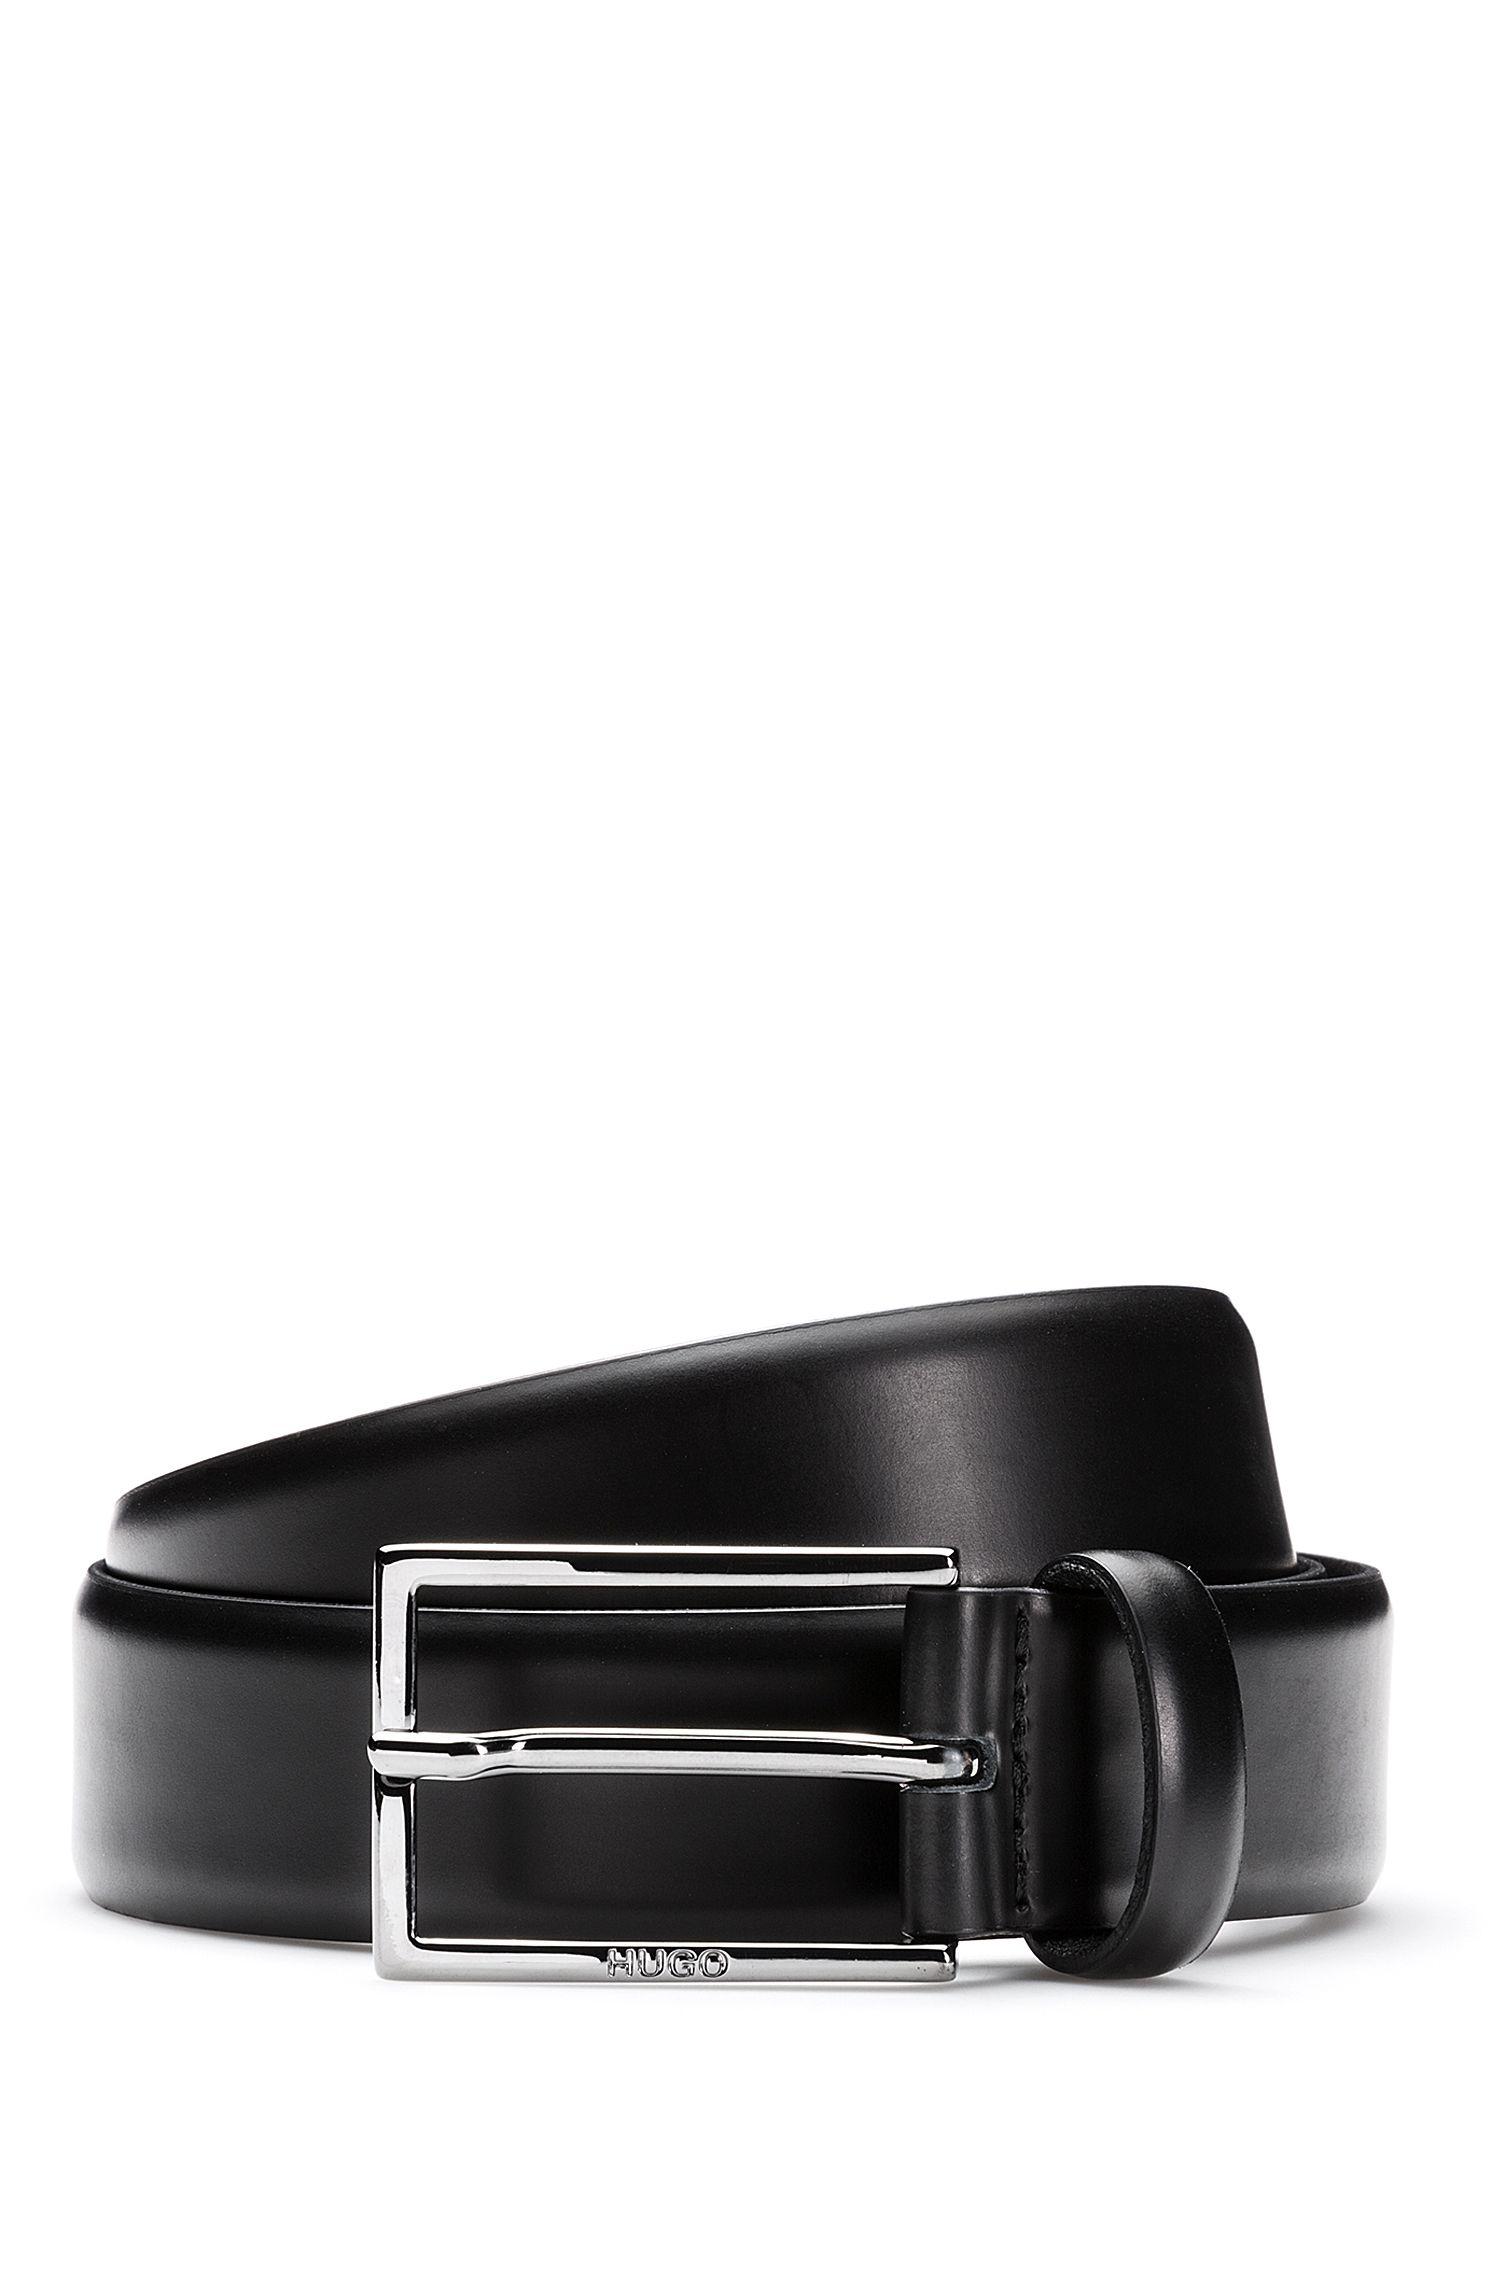 Gürtel aus glänzend poliertem Leder mit metallener Schließe